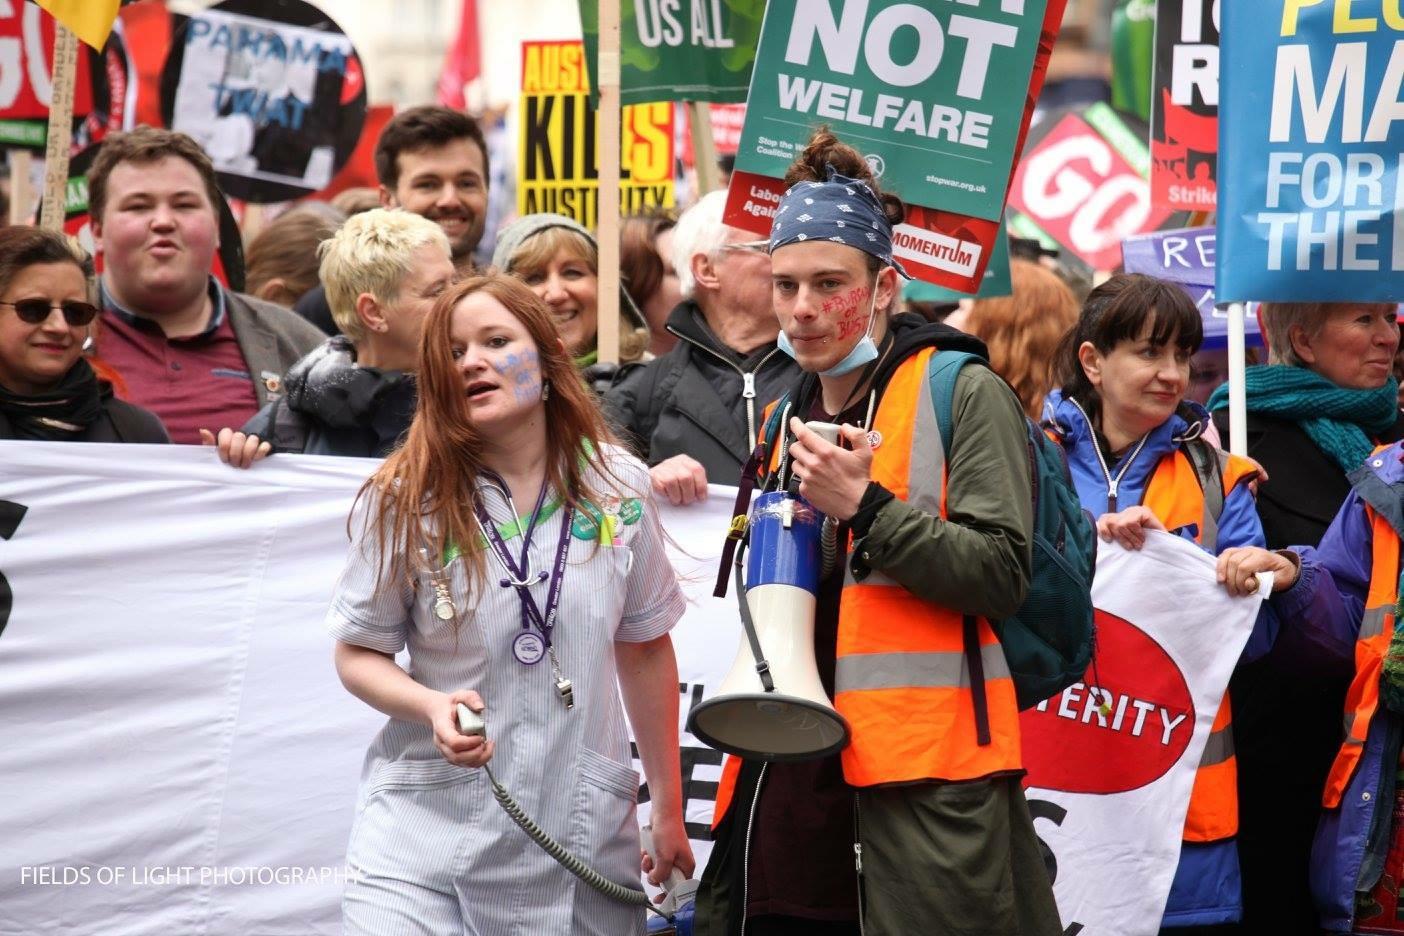 dbf32b8b80 16 aprile 2016, Londra, manifestazione contro l'abolizione delle borse di  studio.